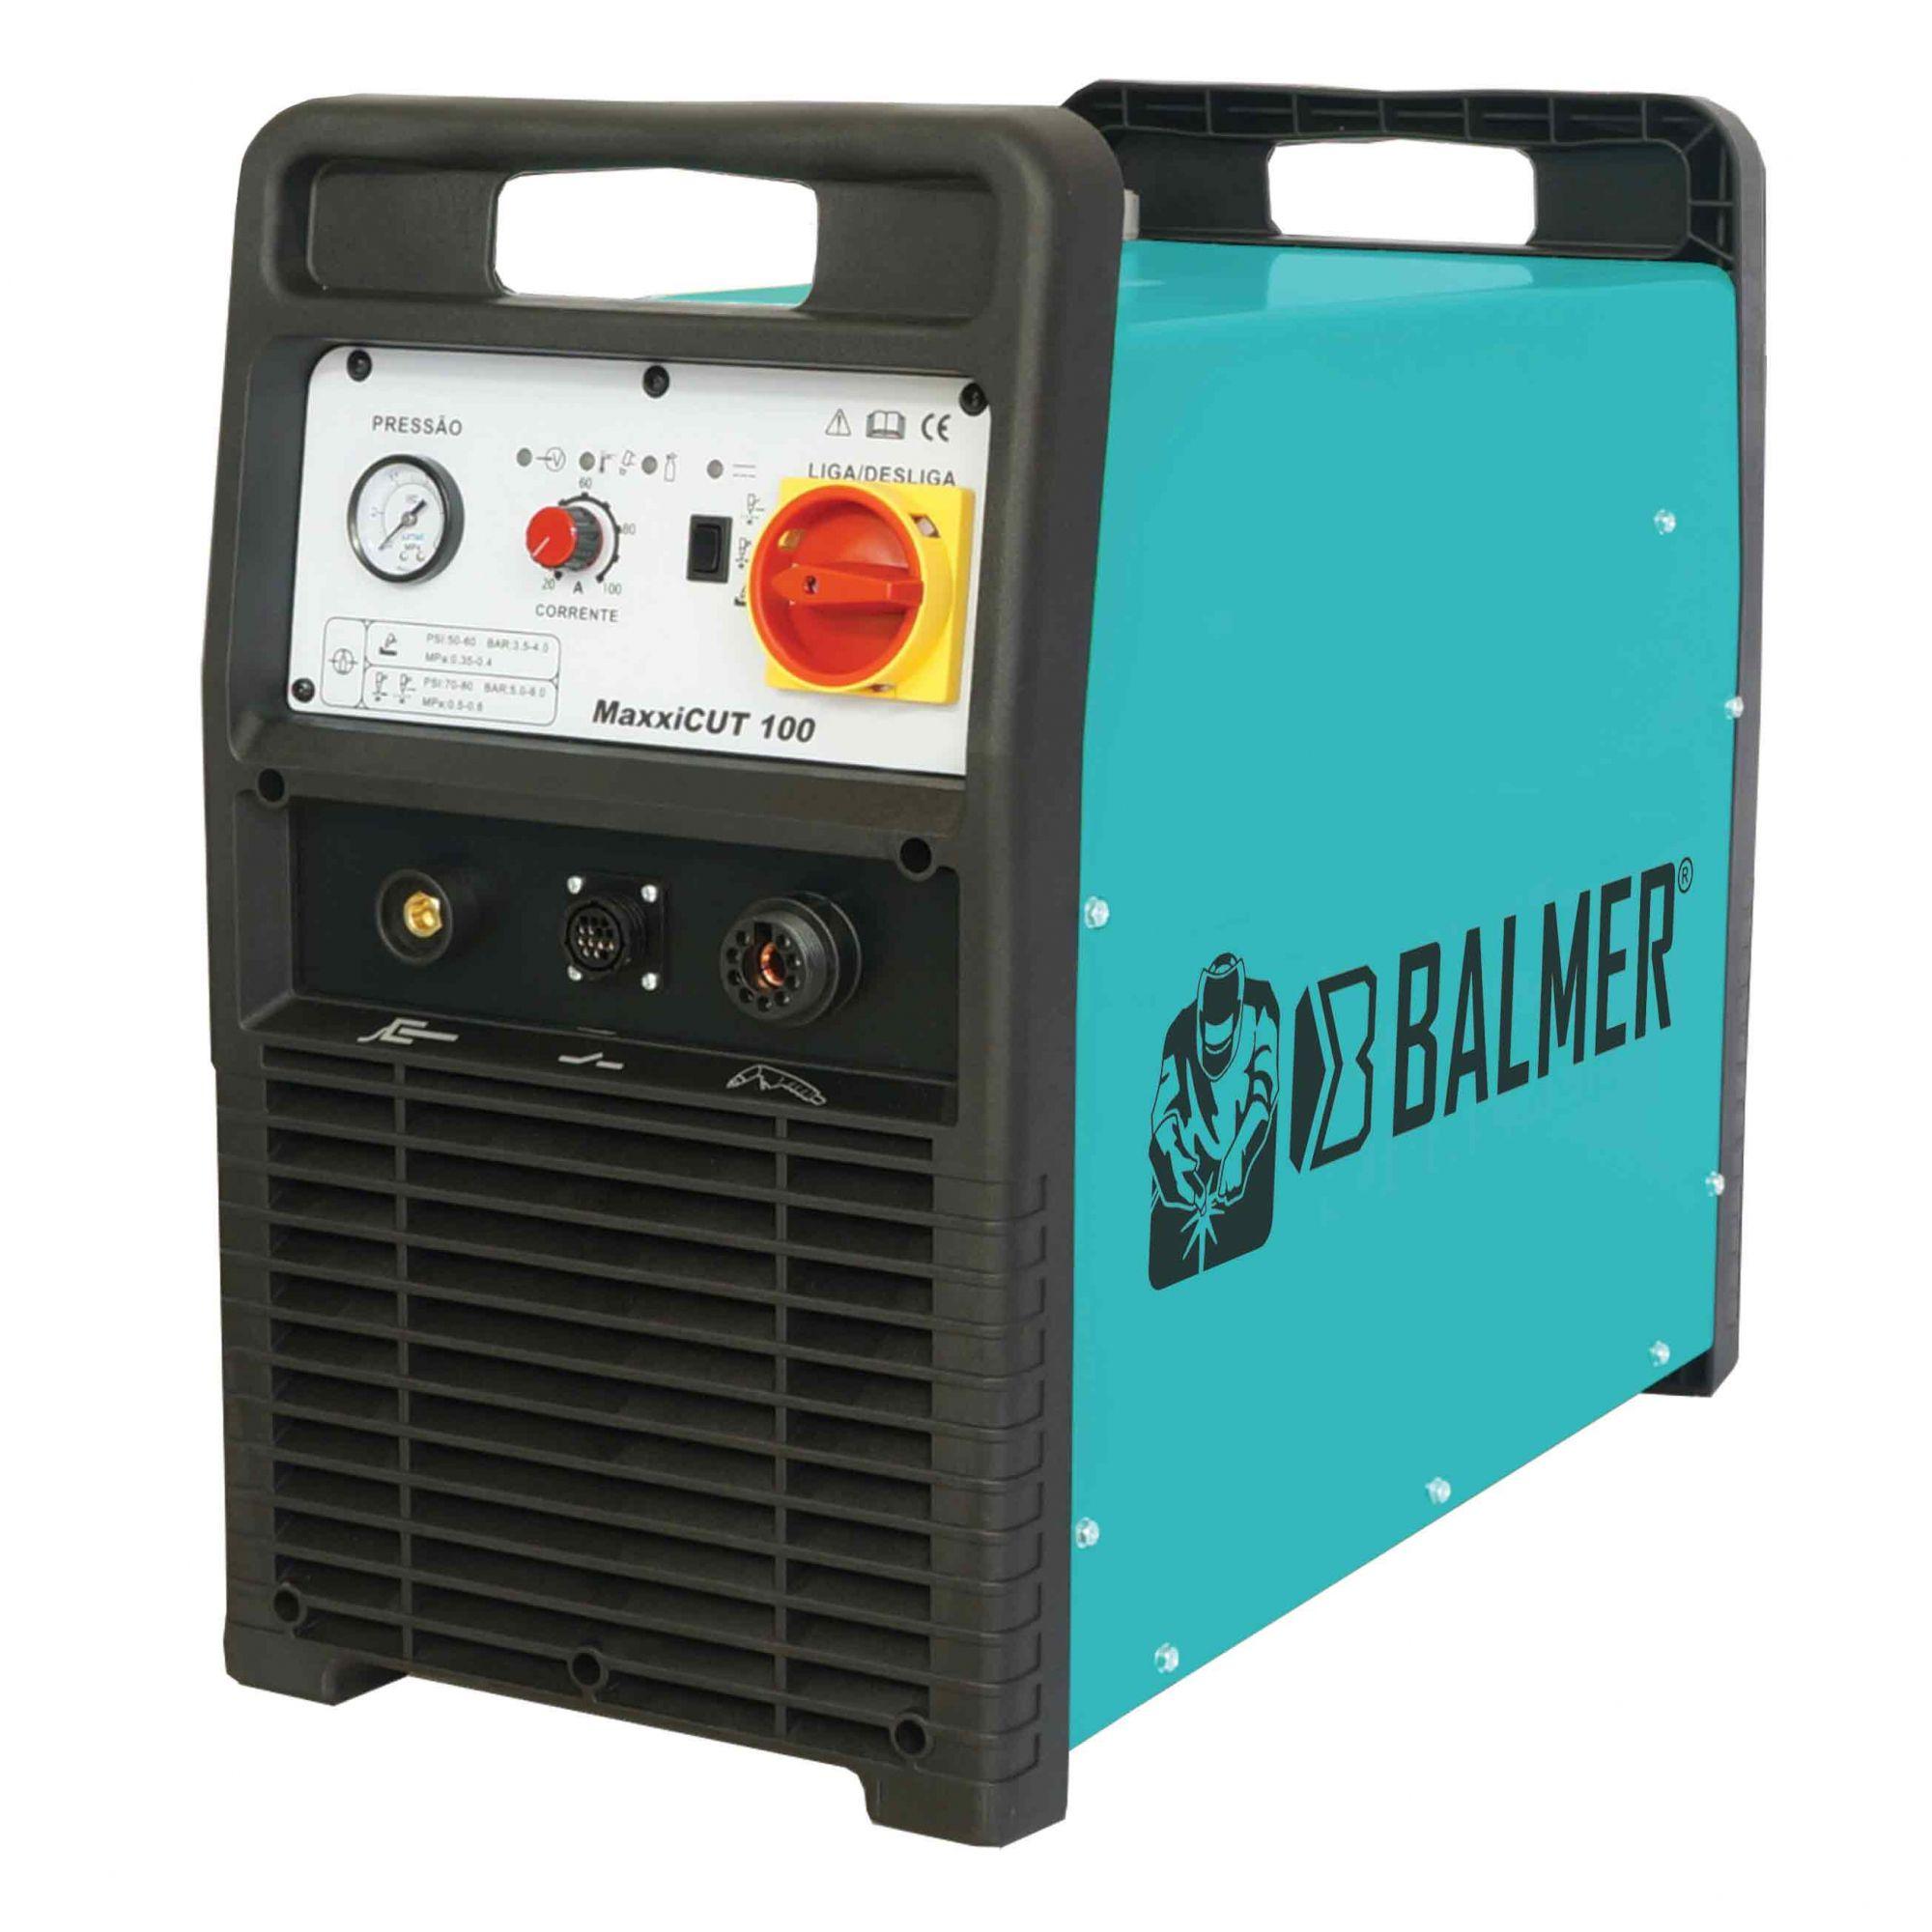 Maquina de Corte Plasma Inver MAXXICUT100 Trif 380V – Balmer